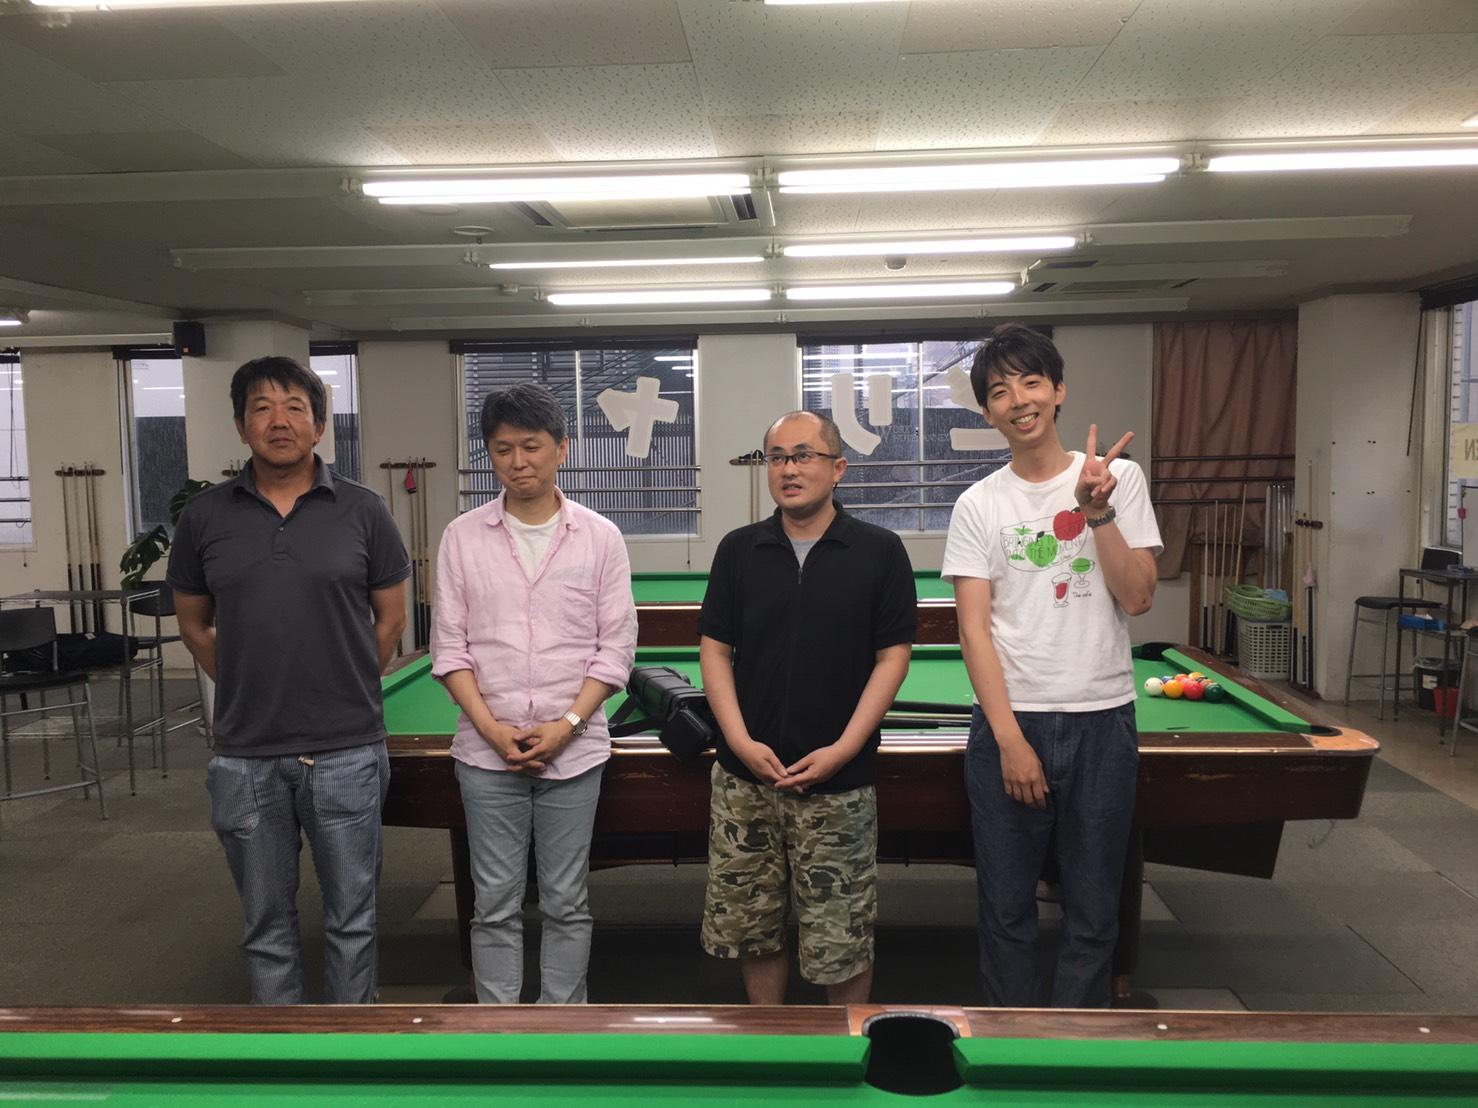 左から辻さん(3位)、加悦さん(2位)、飯塚さん(1位)、満面の笑みの工藤君(3位)